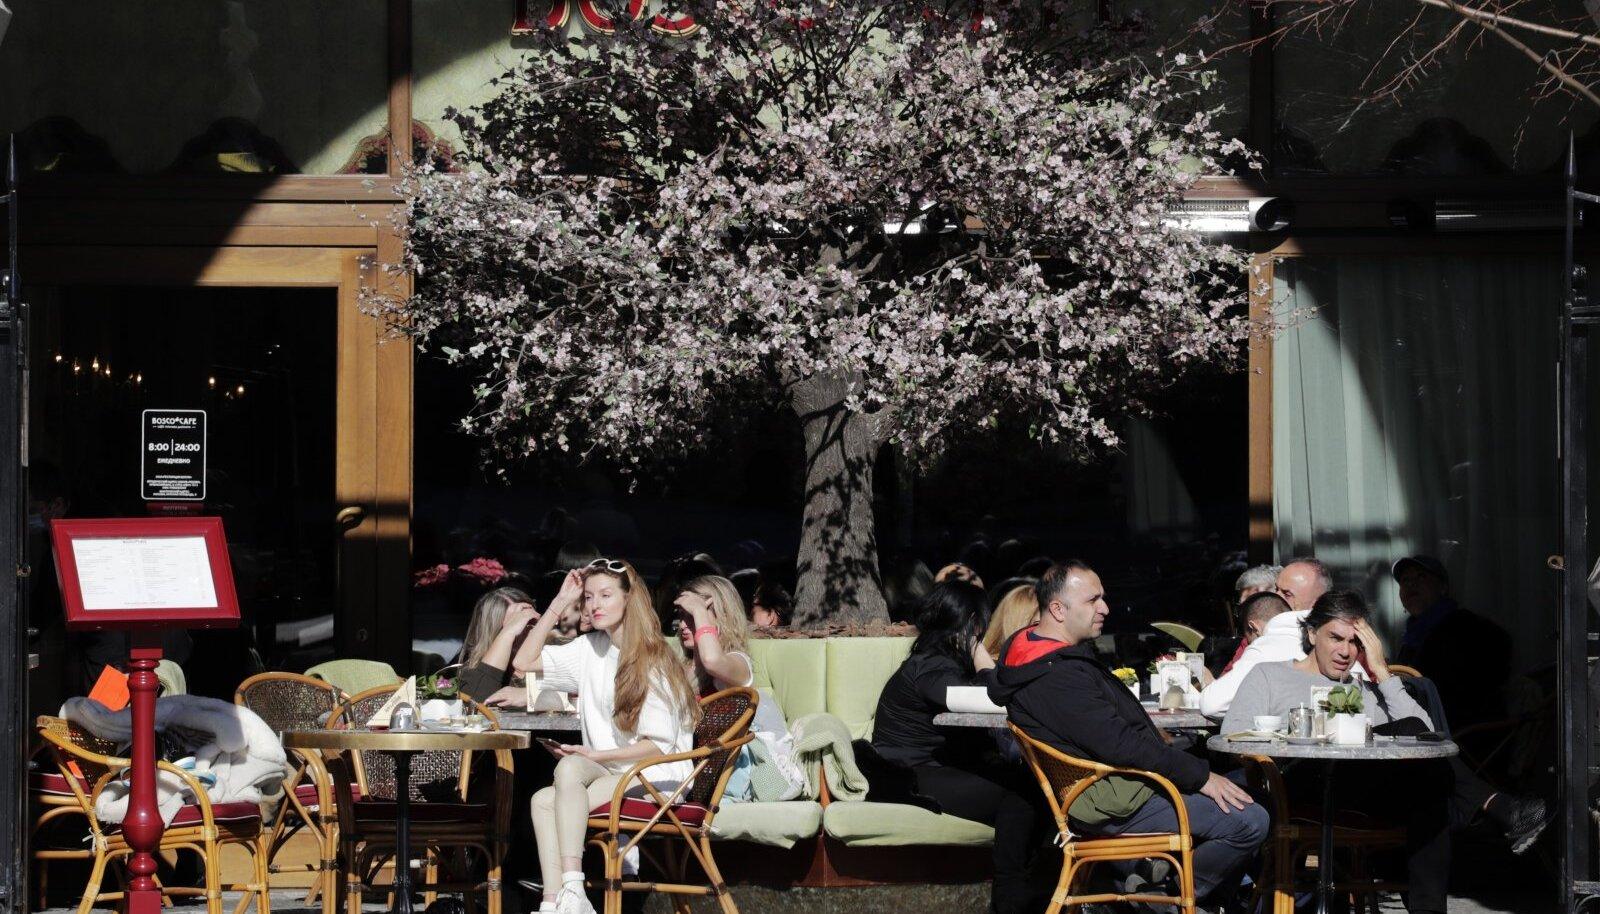 Möödunud nädala päiksepaisteline ilm meelitas moskvalased välikohvikutesse.